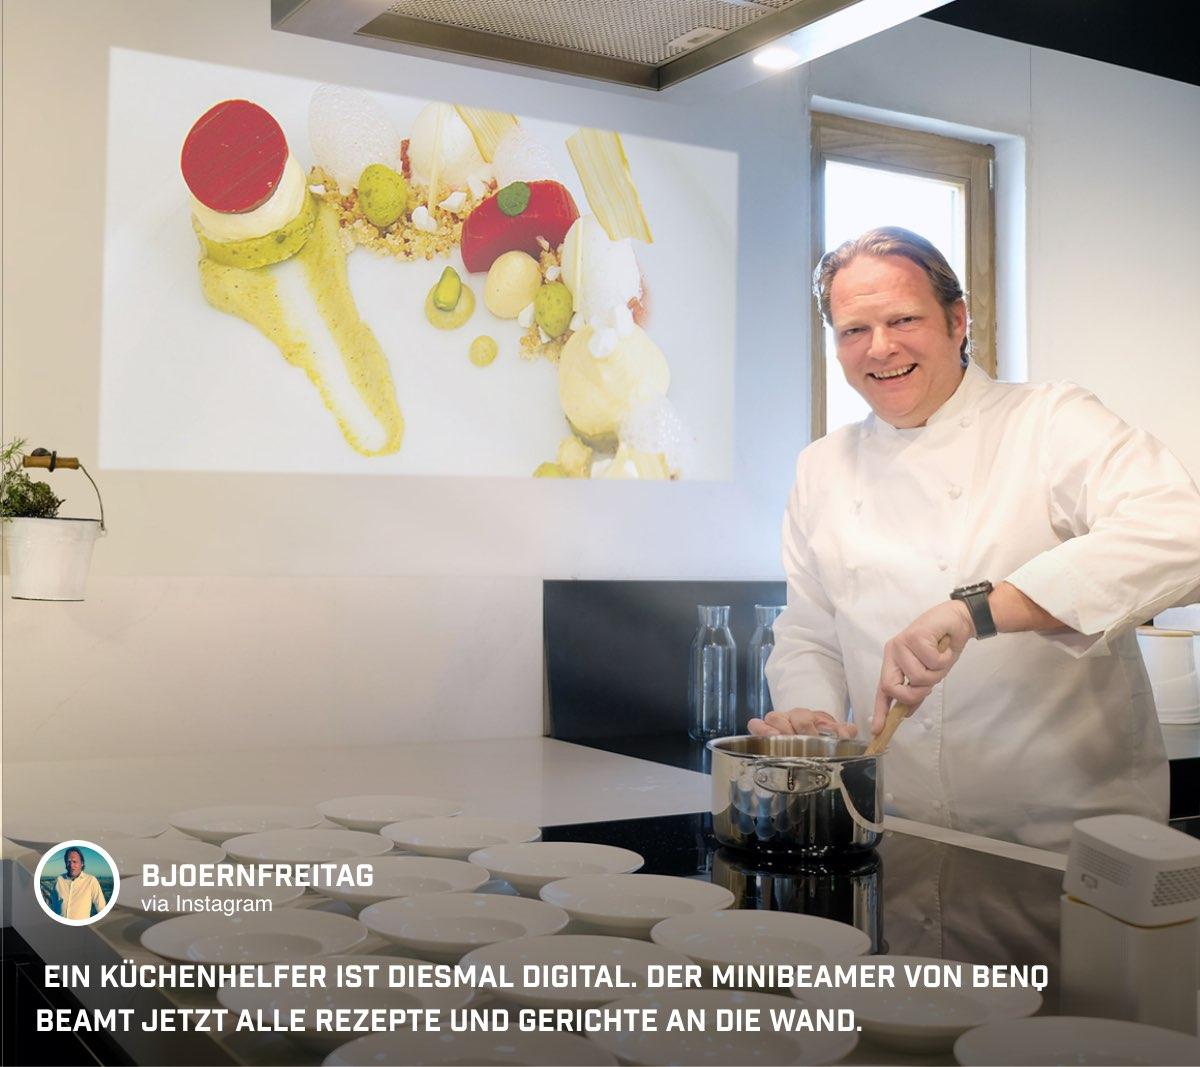 Vielseitig einsetzbar: @bjoernfreitag beamt Rezepte mit dem GV1 einfach an die Wand.